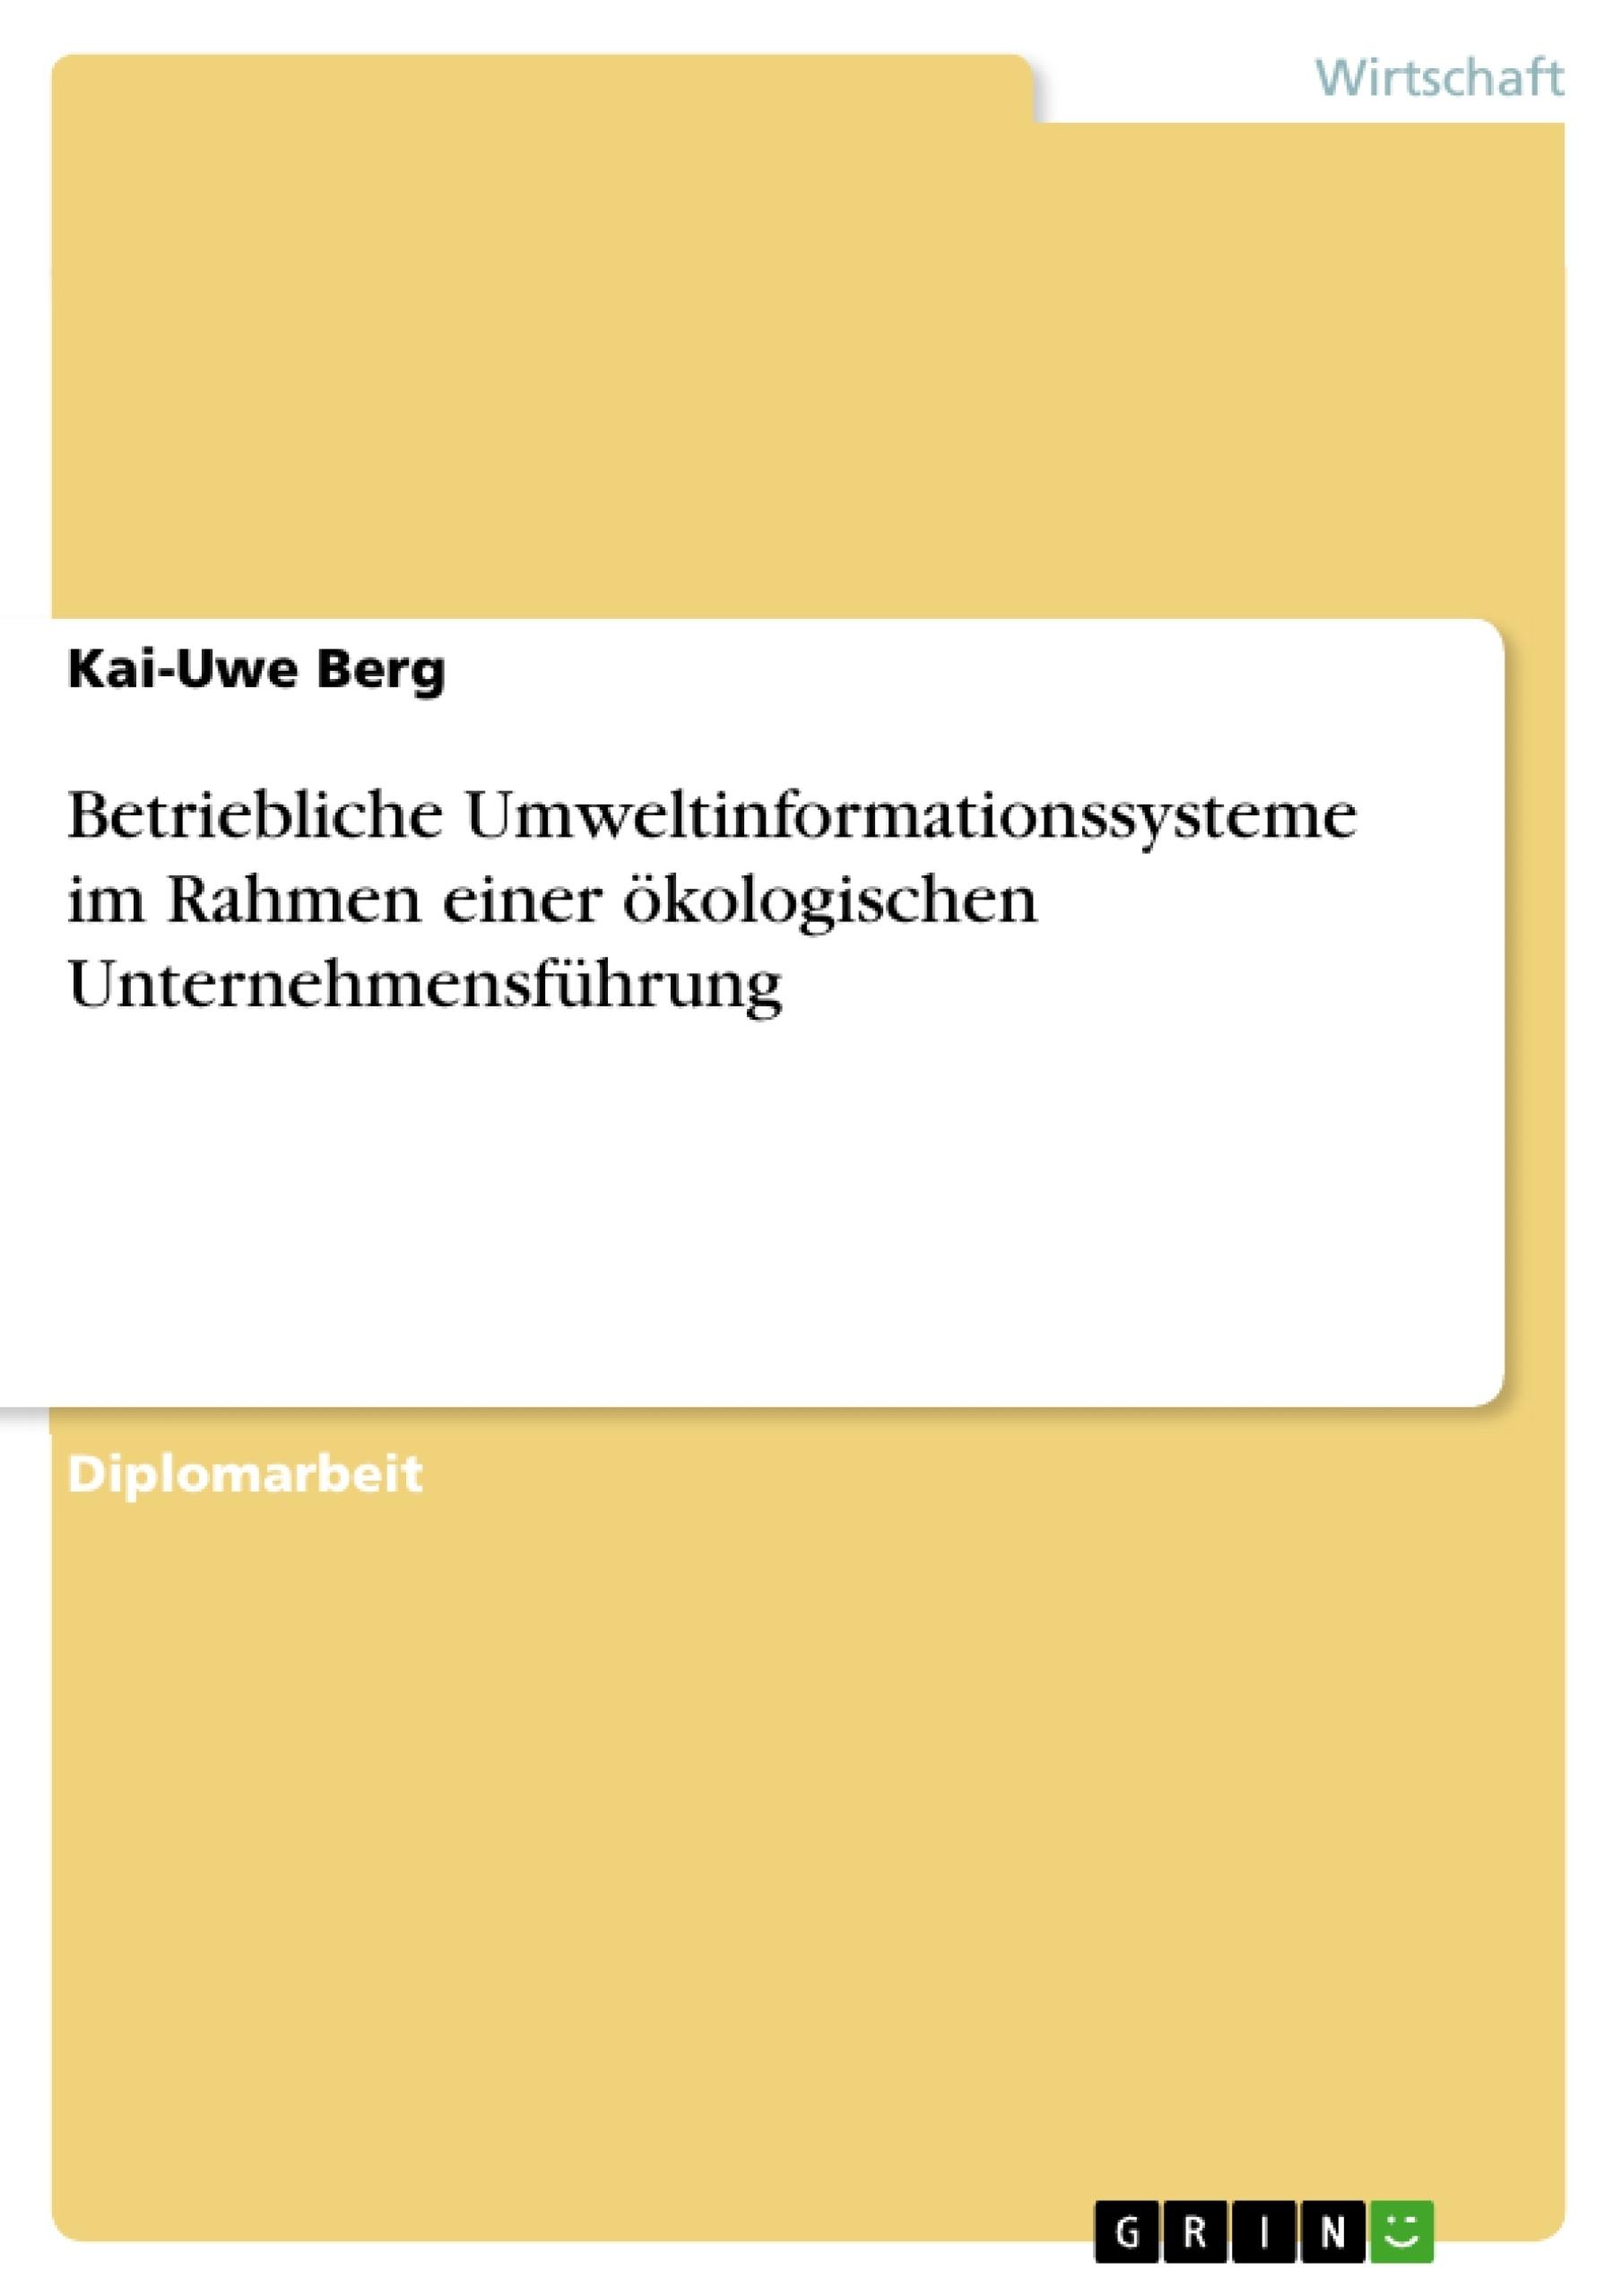 Titel: Betriebliche Umweltinformationssysteme im Rahmen einer ökologischen Unternehmensführung